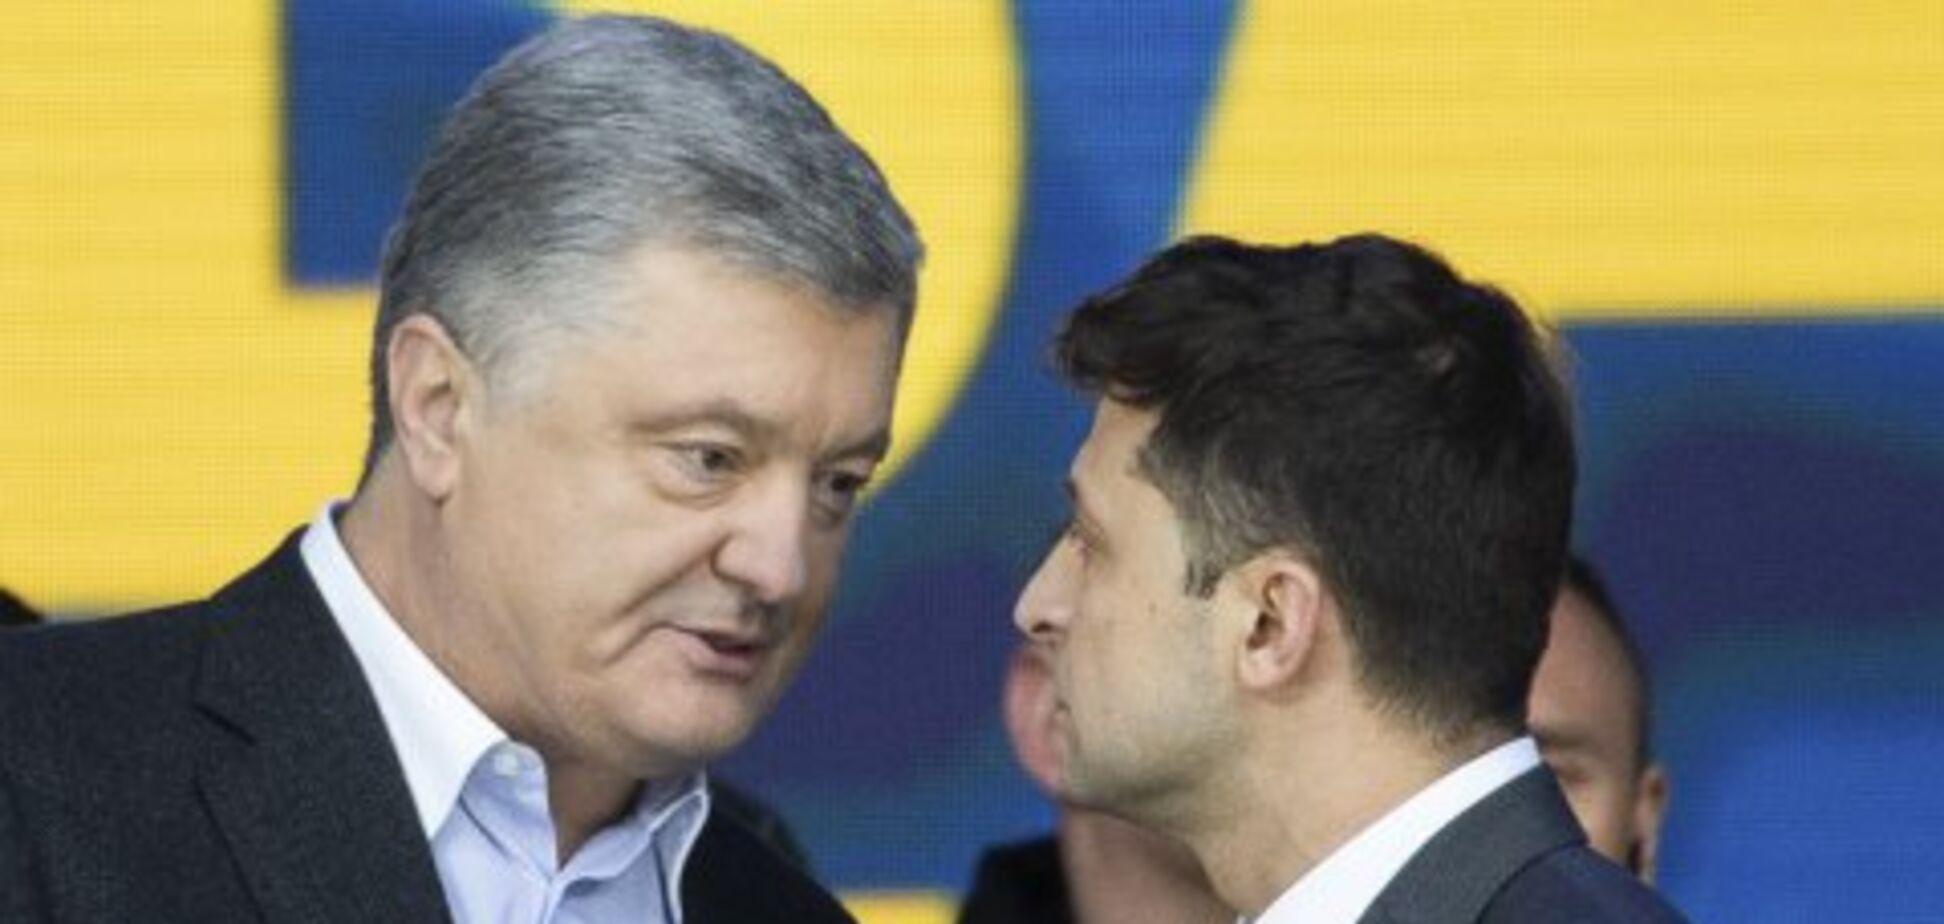 Если бы сейчас были выборы, часть электората Зе ушла бы к Порошенко